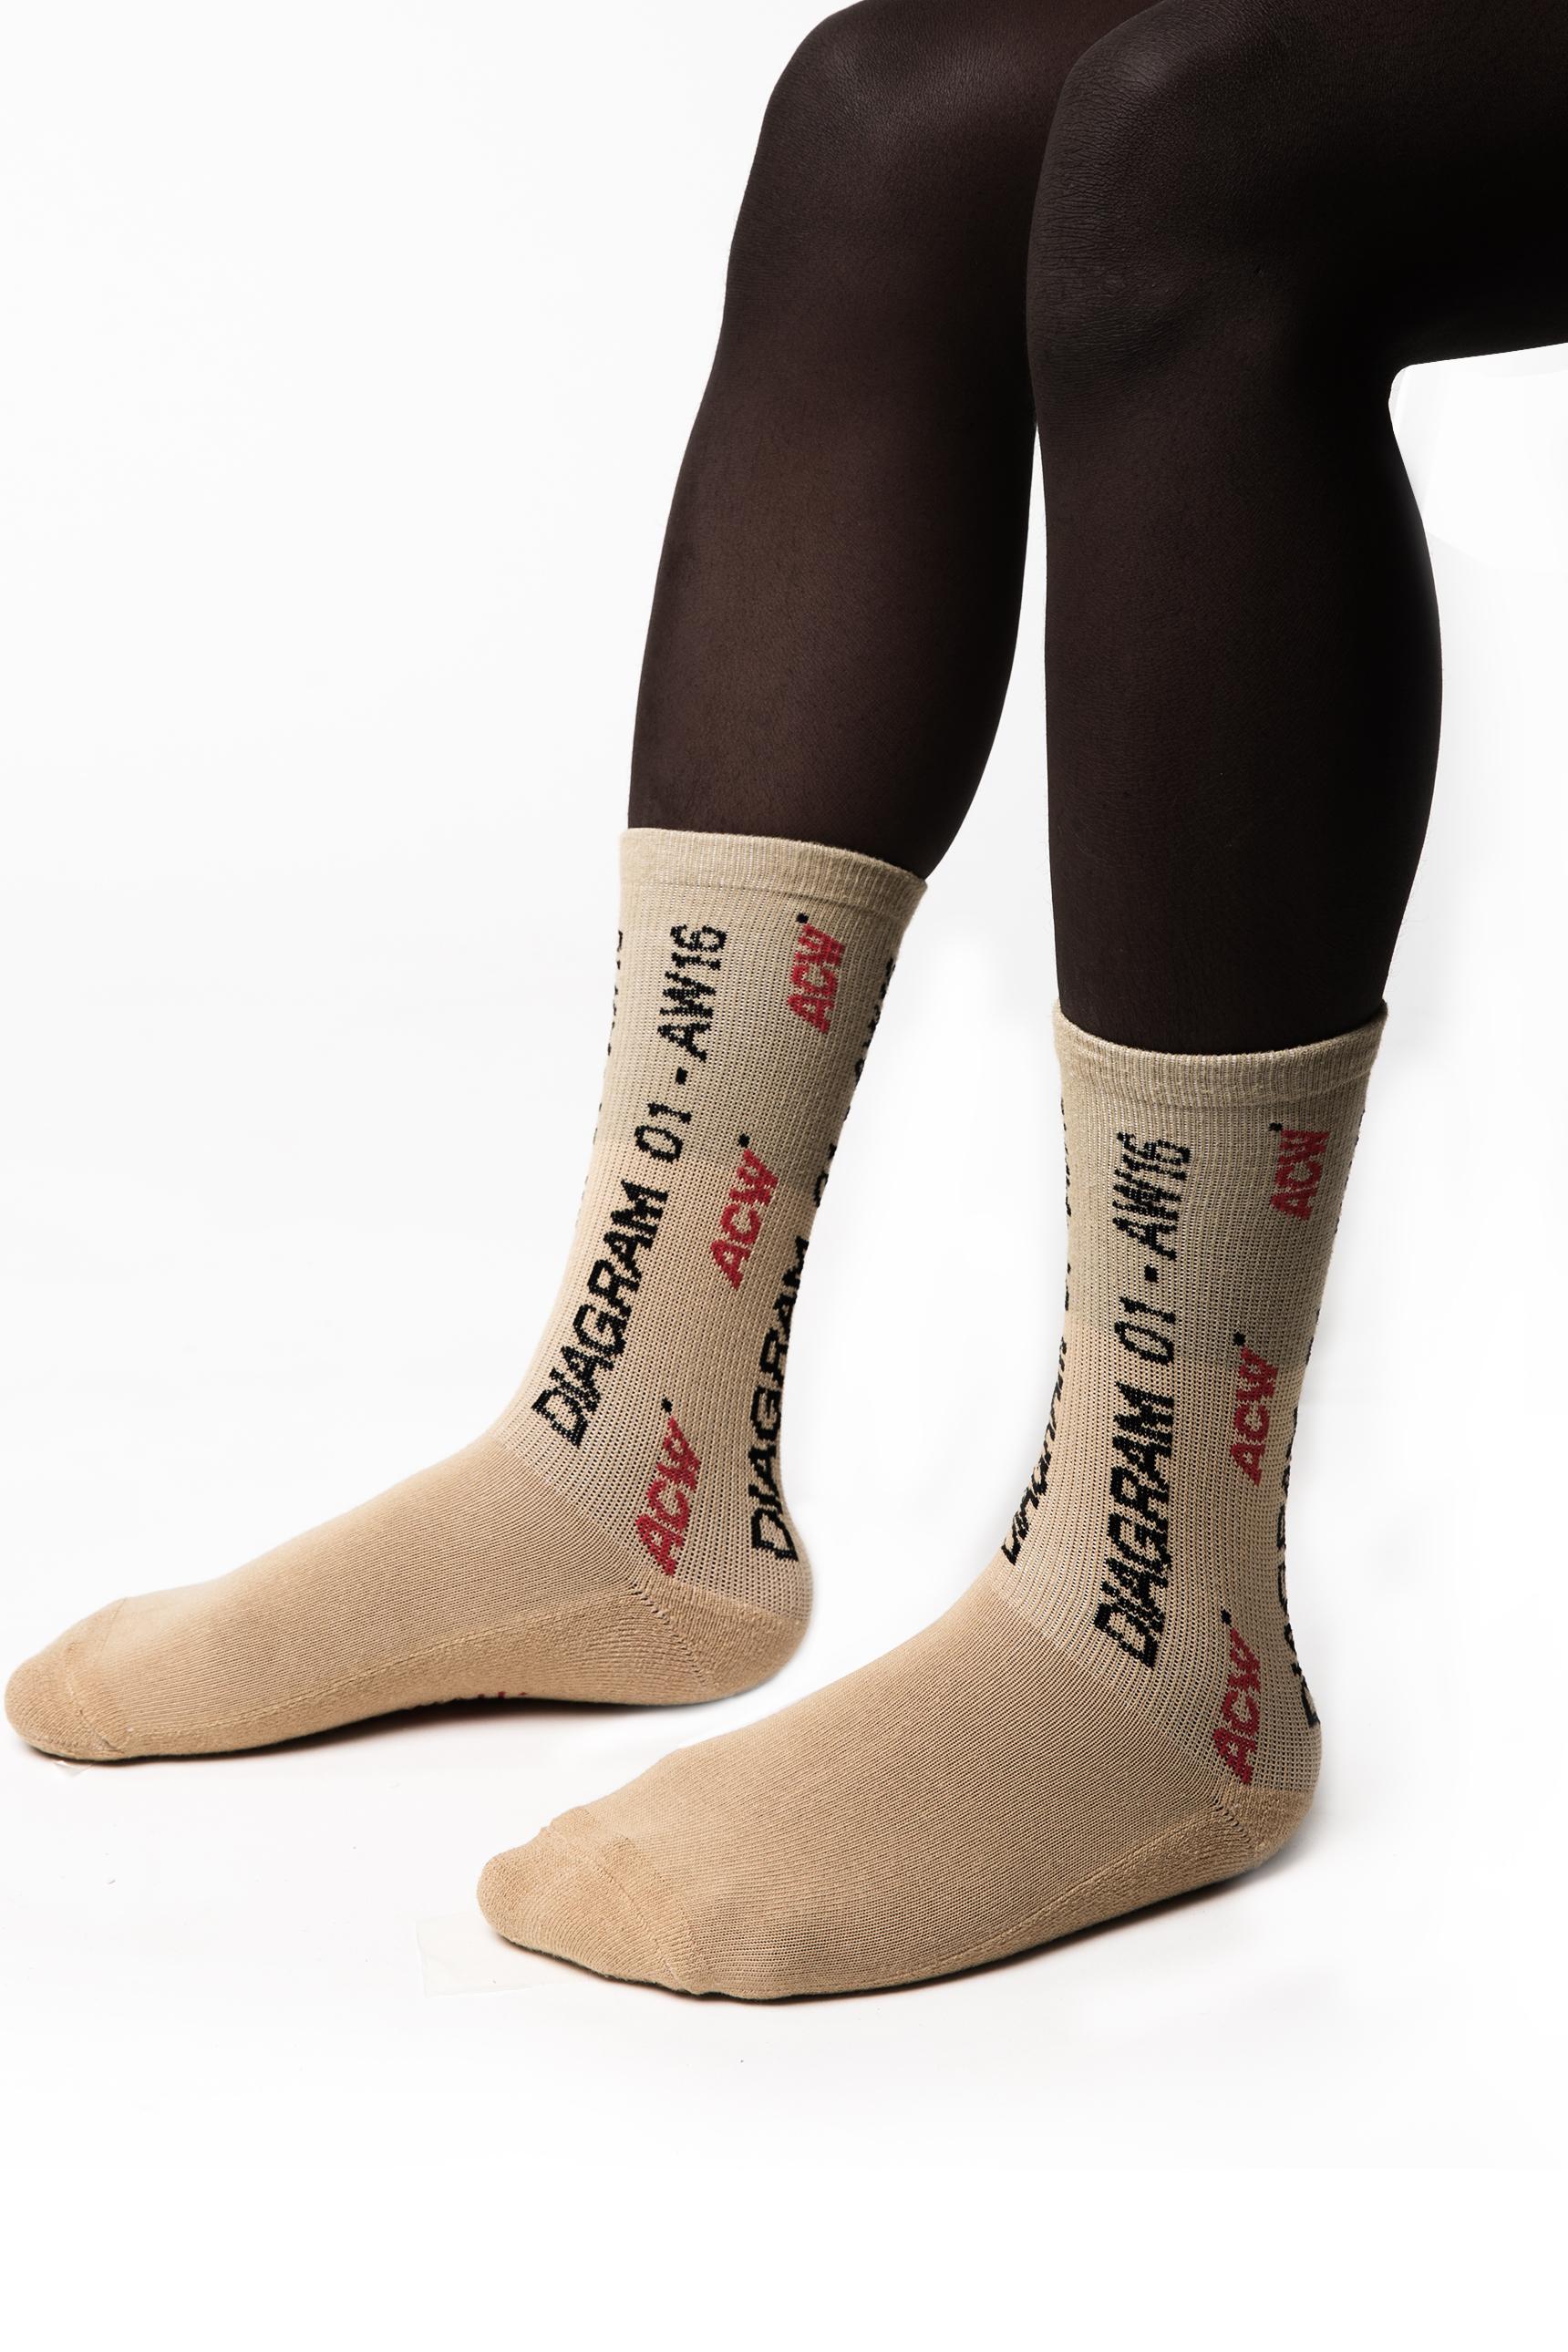 01_sock_0020_tan-sock-d1